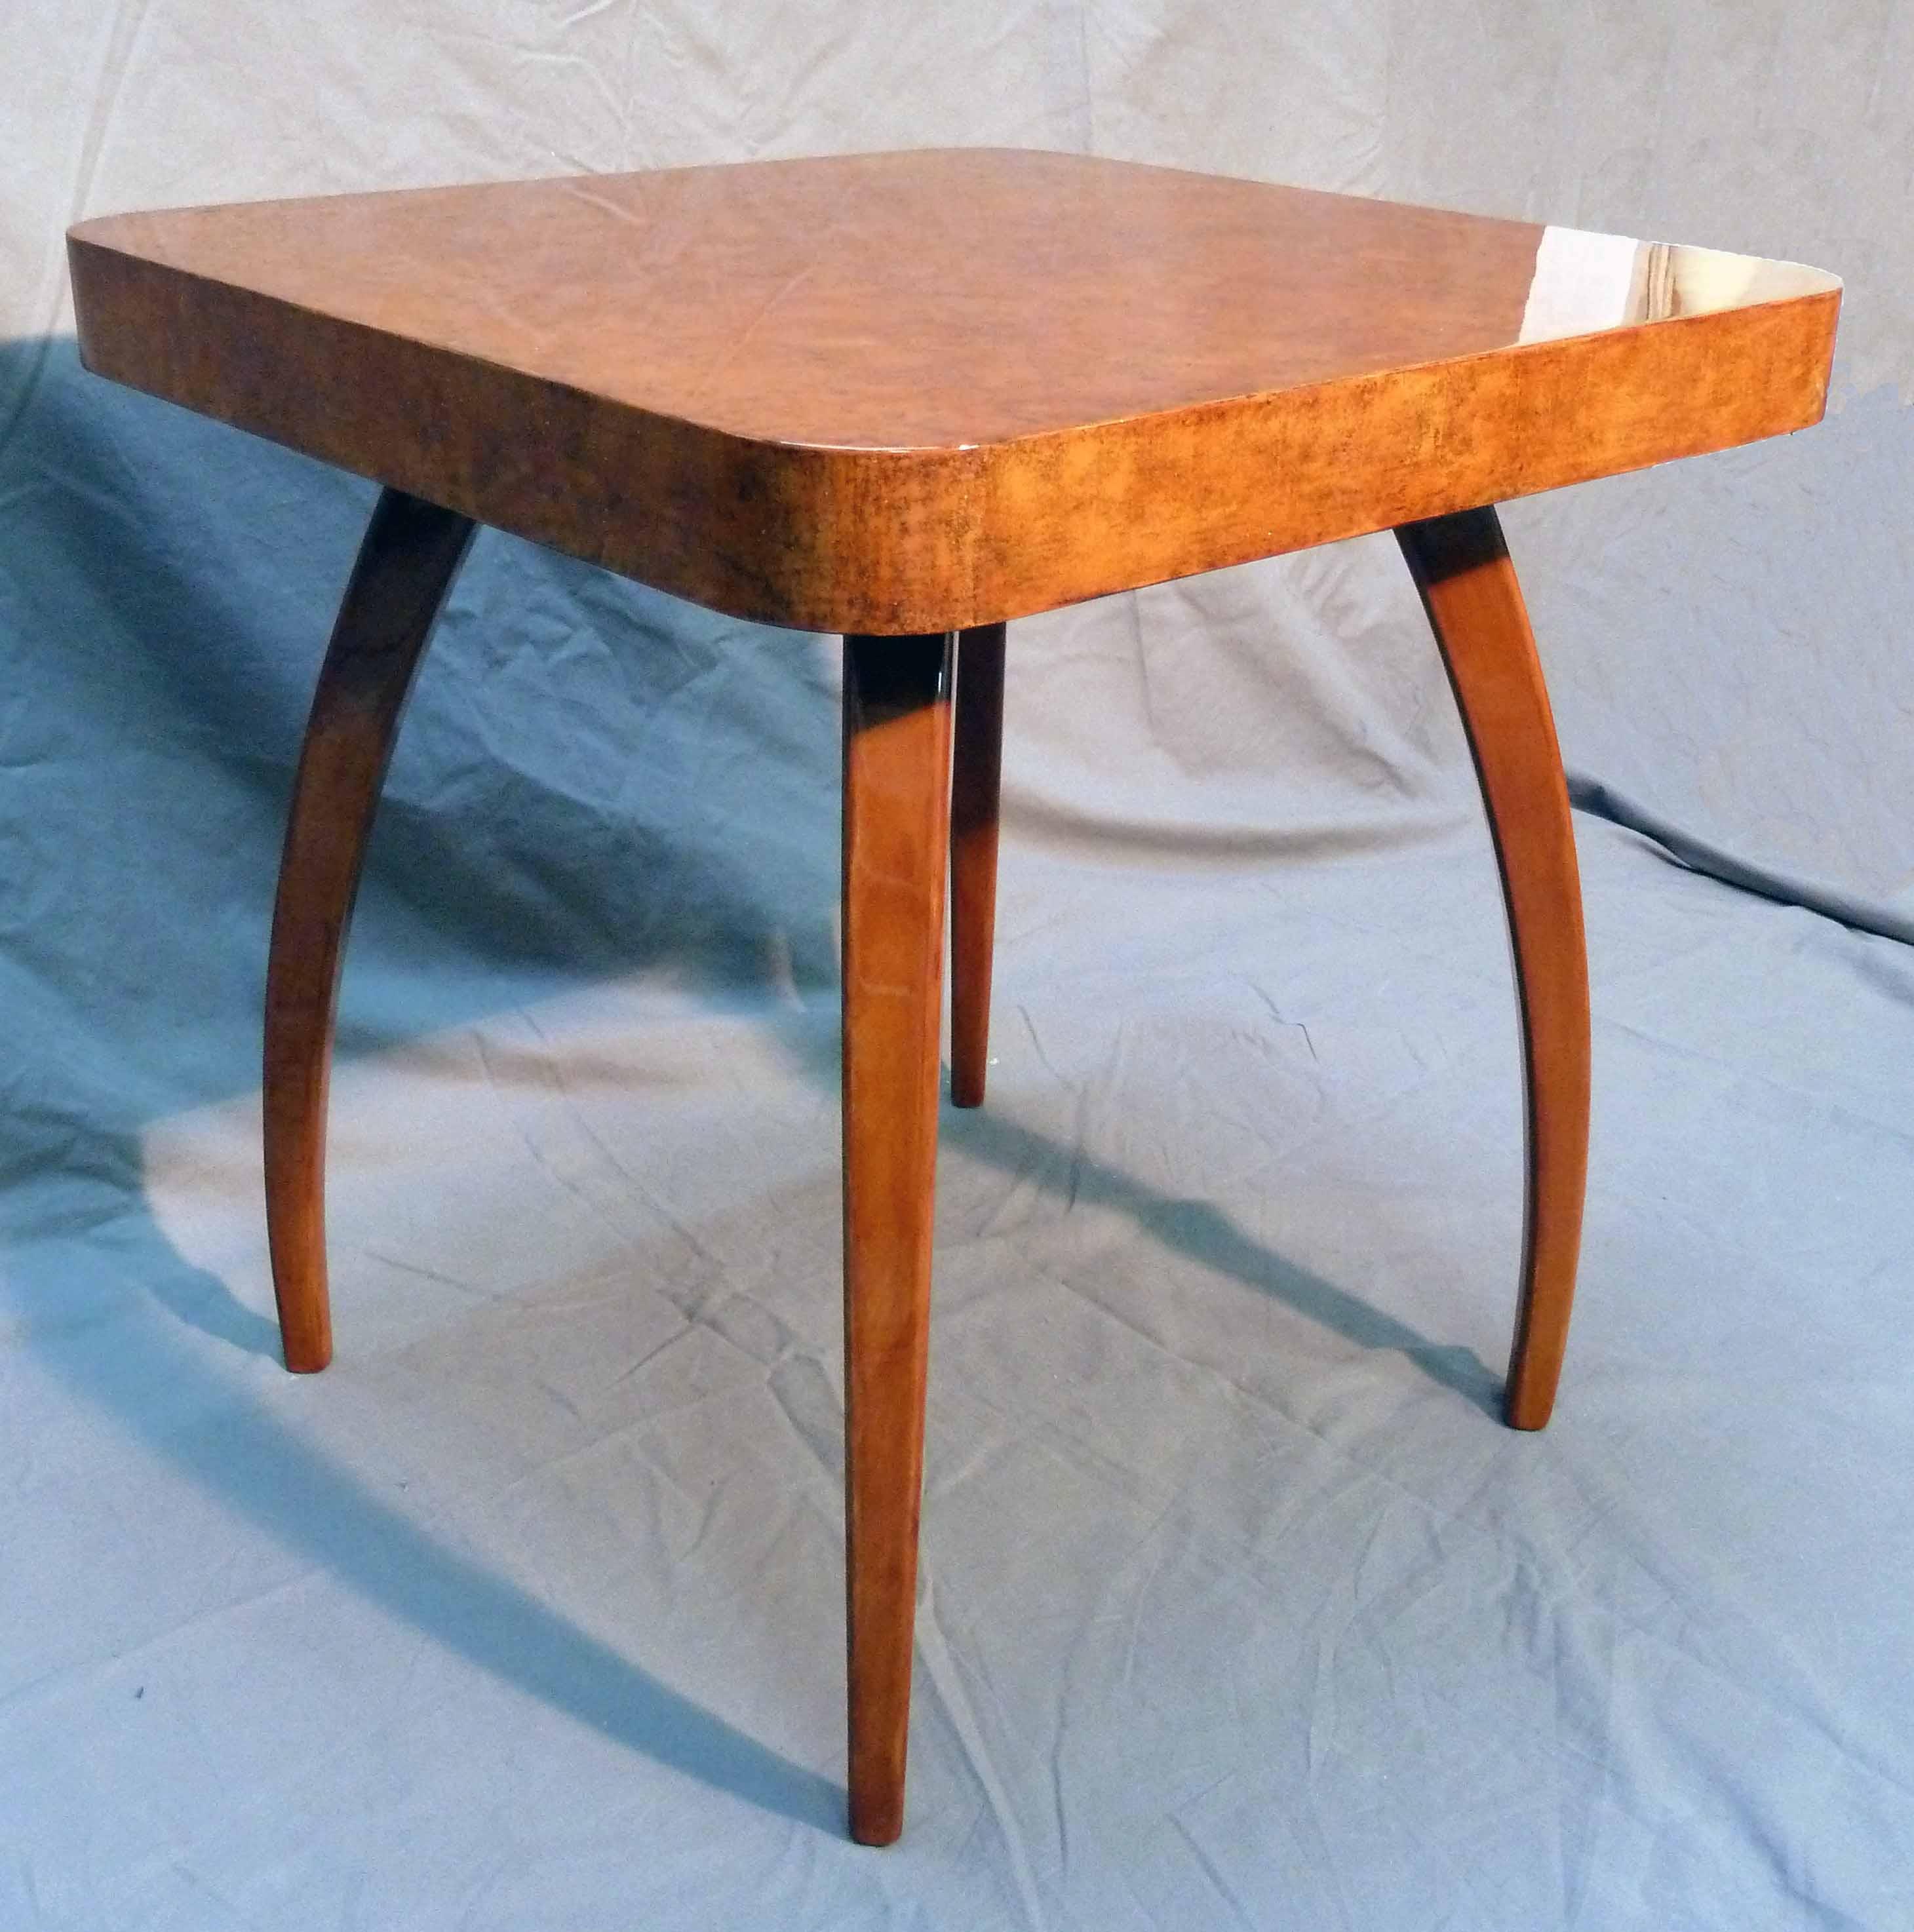 Table basse – laque, effets de matière et aventurine